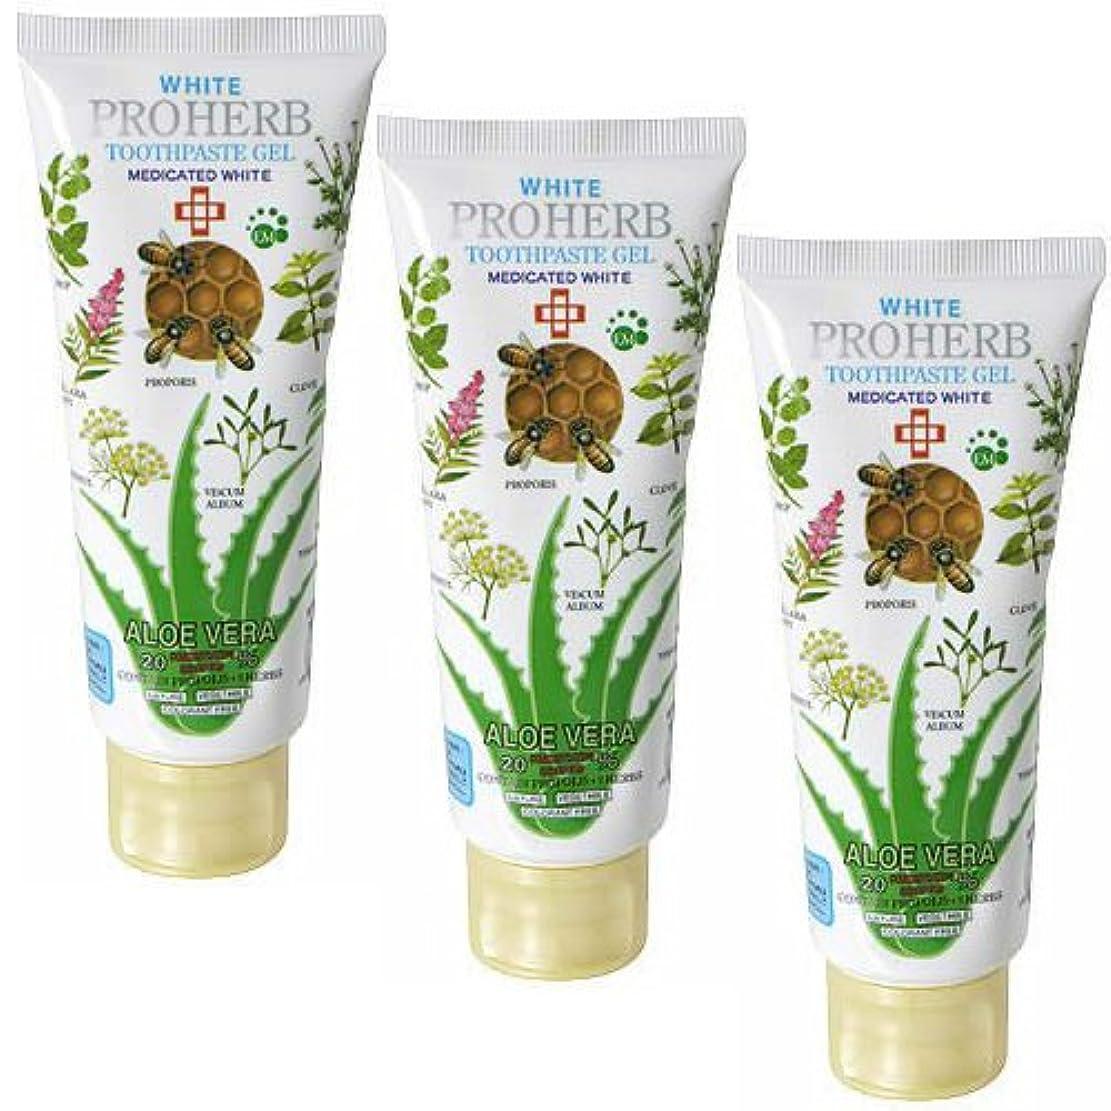 競争告白花束プロハーブEMホワイト薬用AV20ゲル歯磨き × 3個